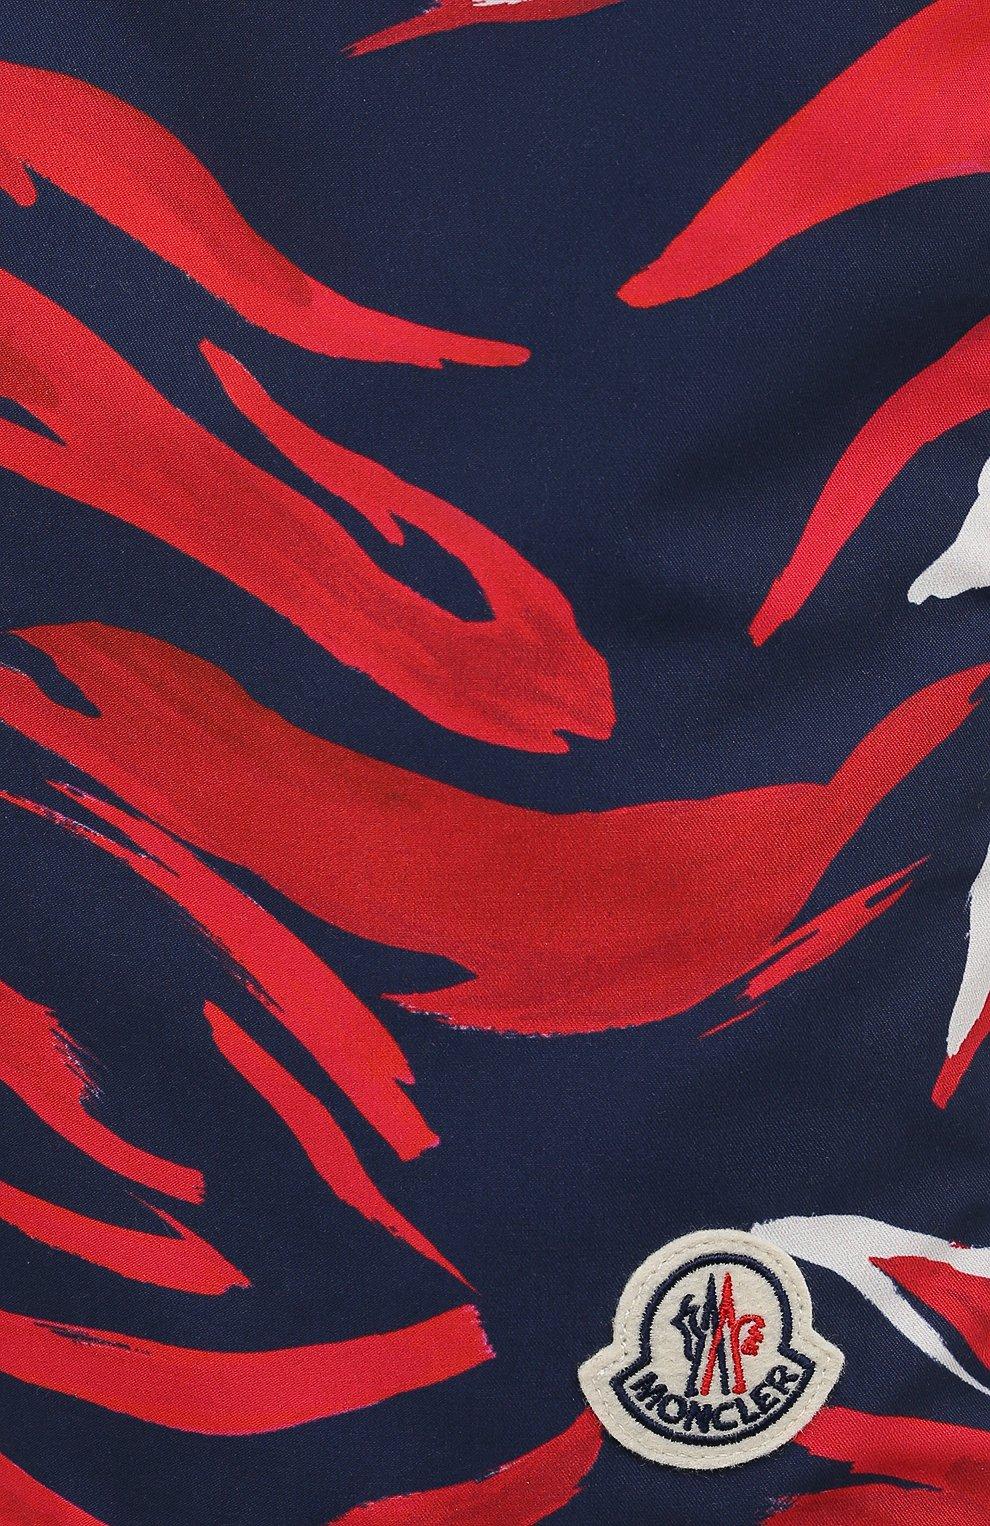 Мужские плавки-шорты MONCLER разноцветного цвета, арт. G1-091-2C708-00-5956L | Фото 5 (Материал внешний: Синтетический материал; Принт: С принтом; Мужское Кросс-КТ: плавки-шорты)